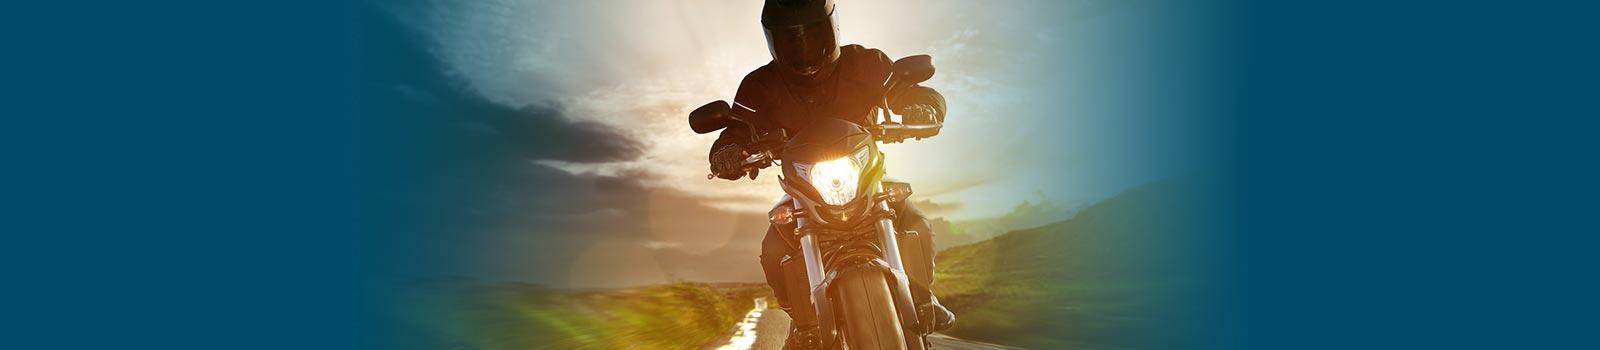 header-motorrad